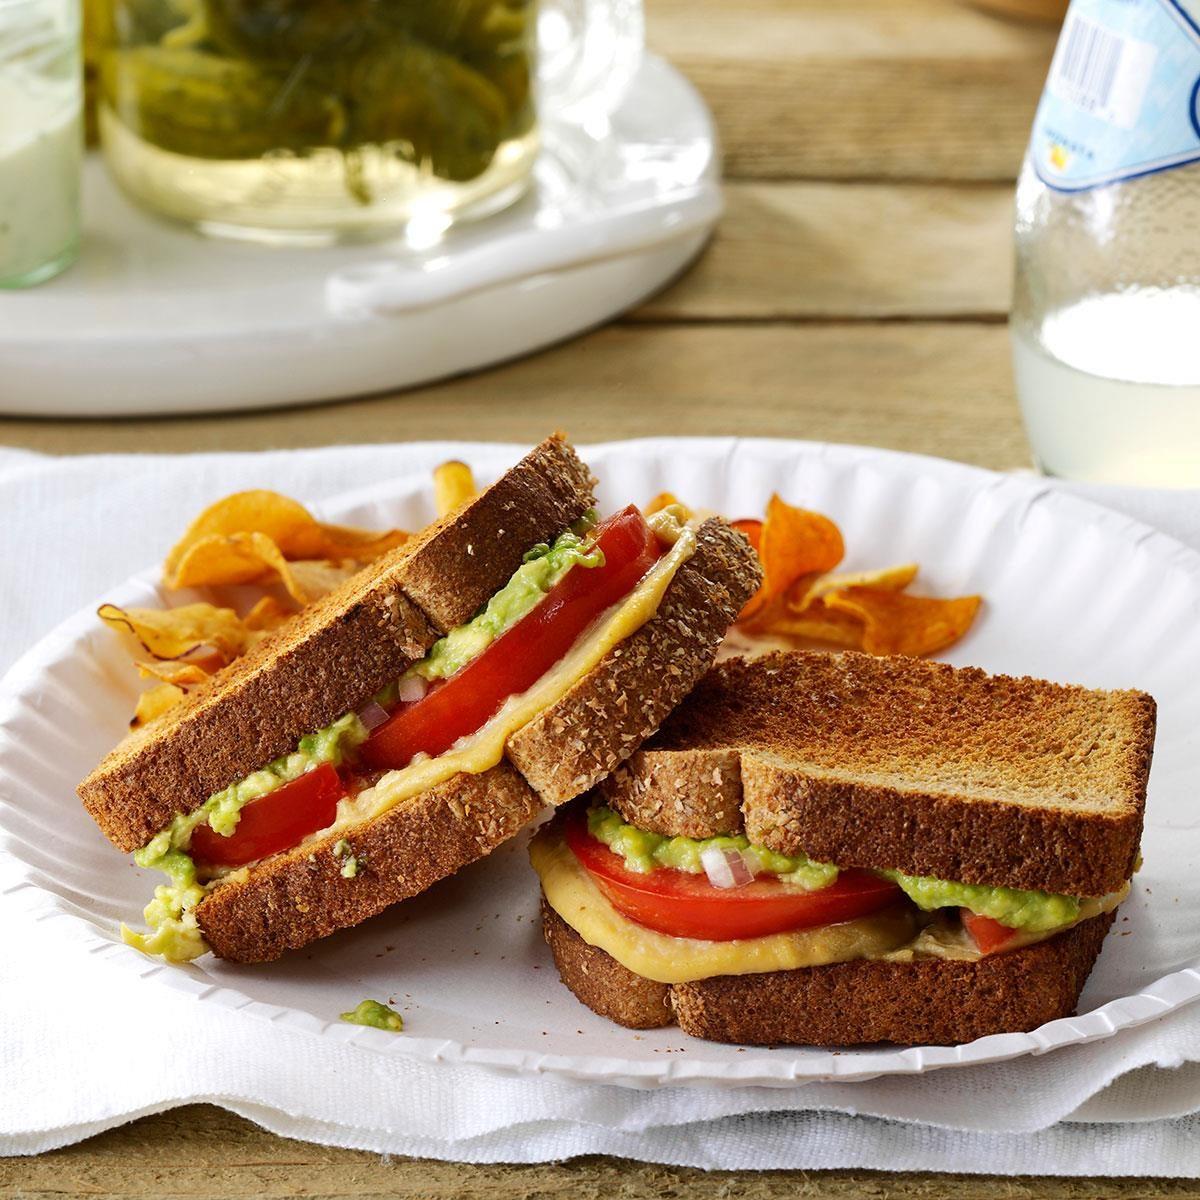 High School Age: Tomato & Avocado Sandwiches